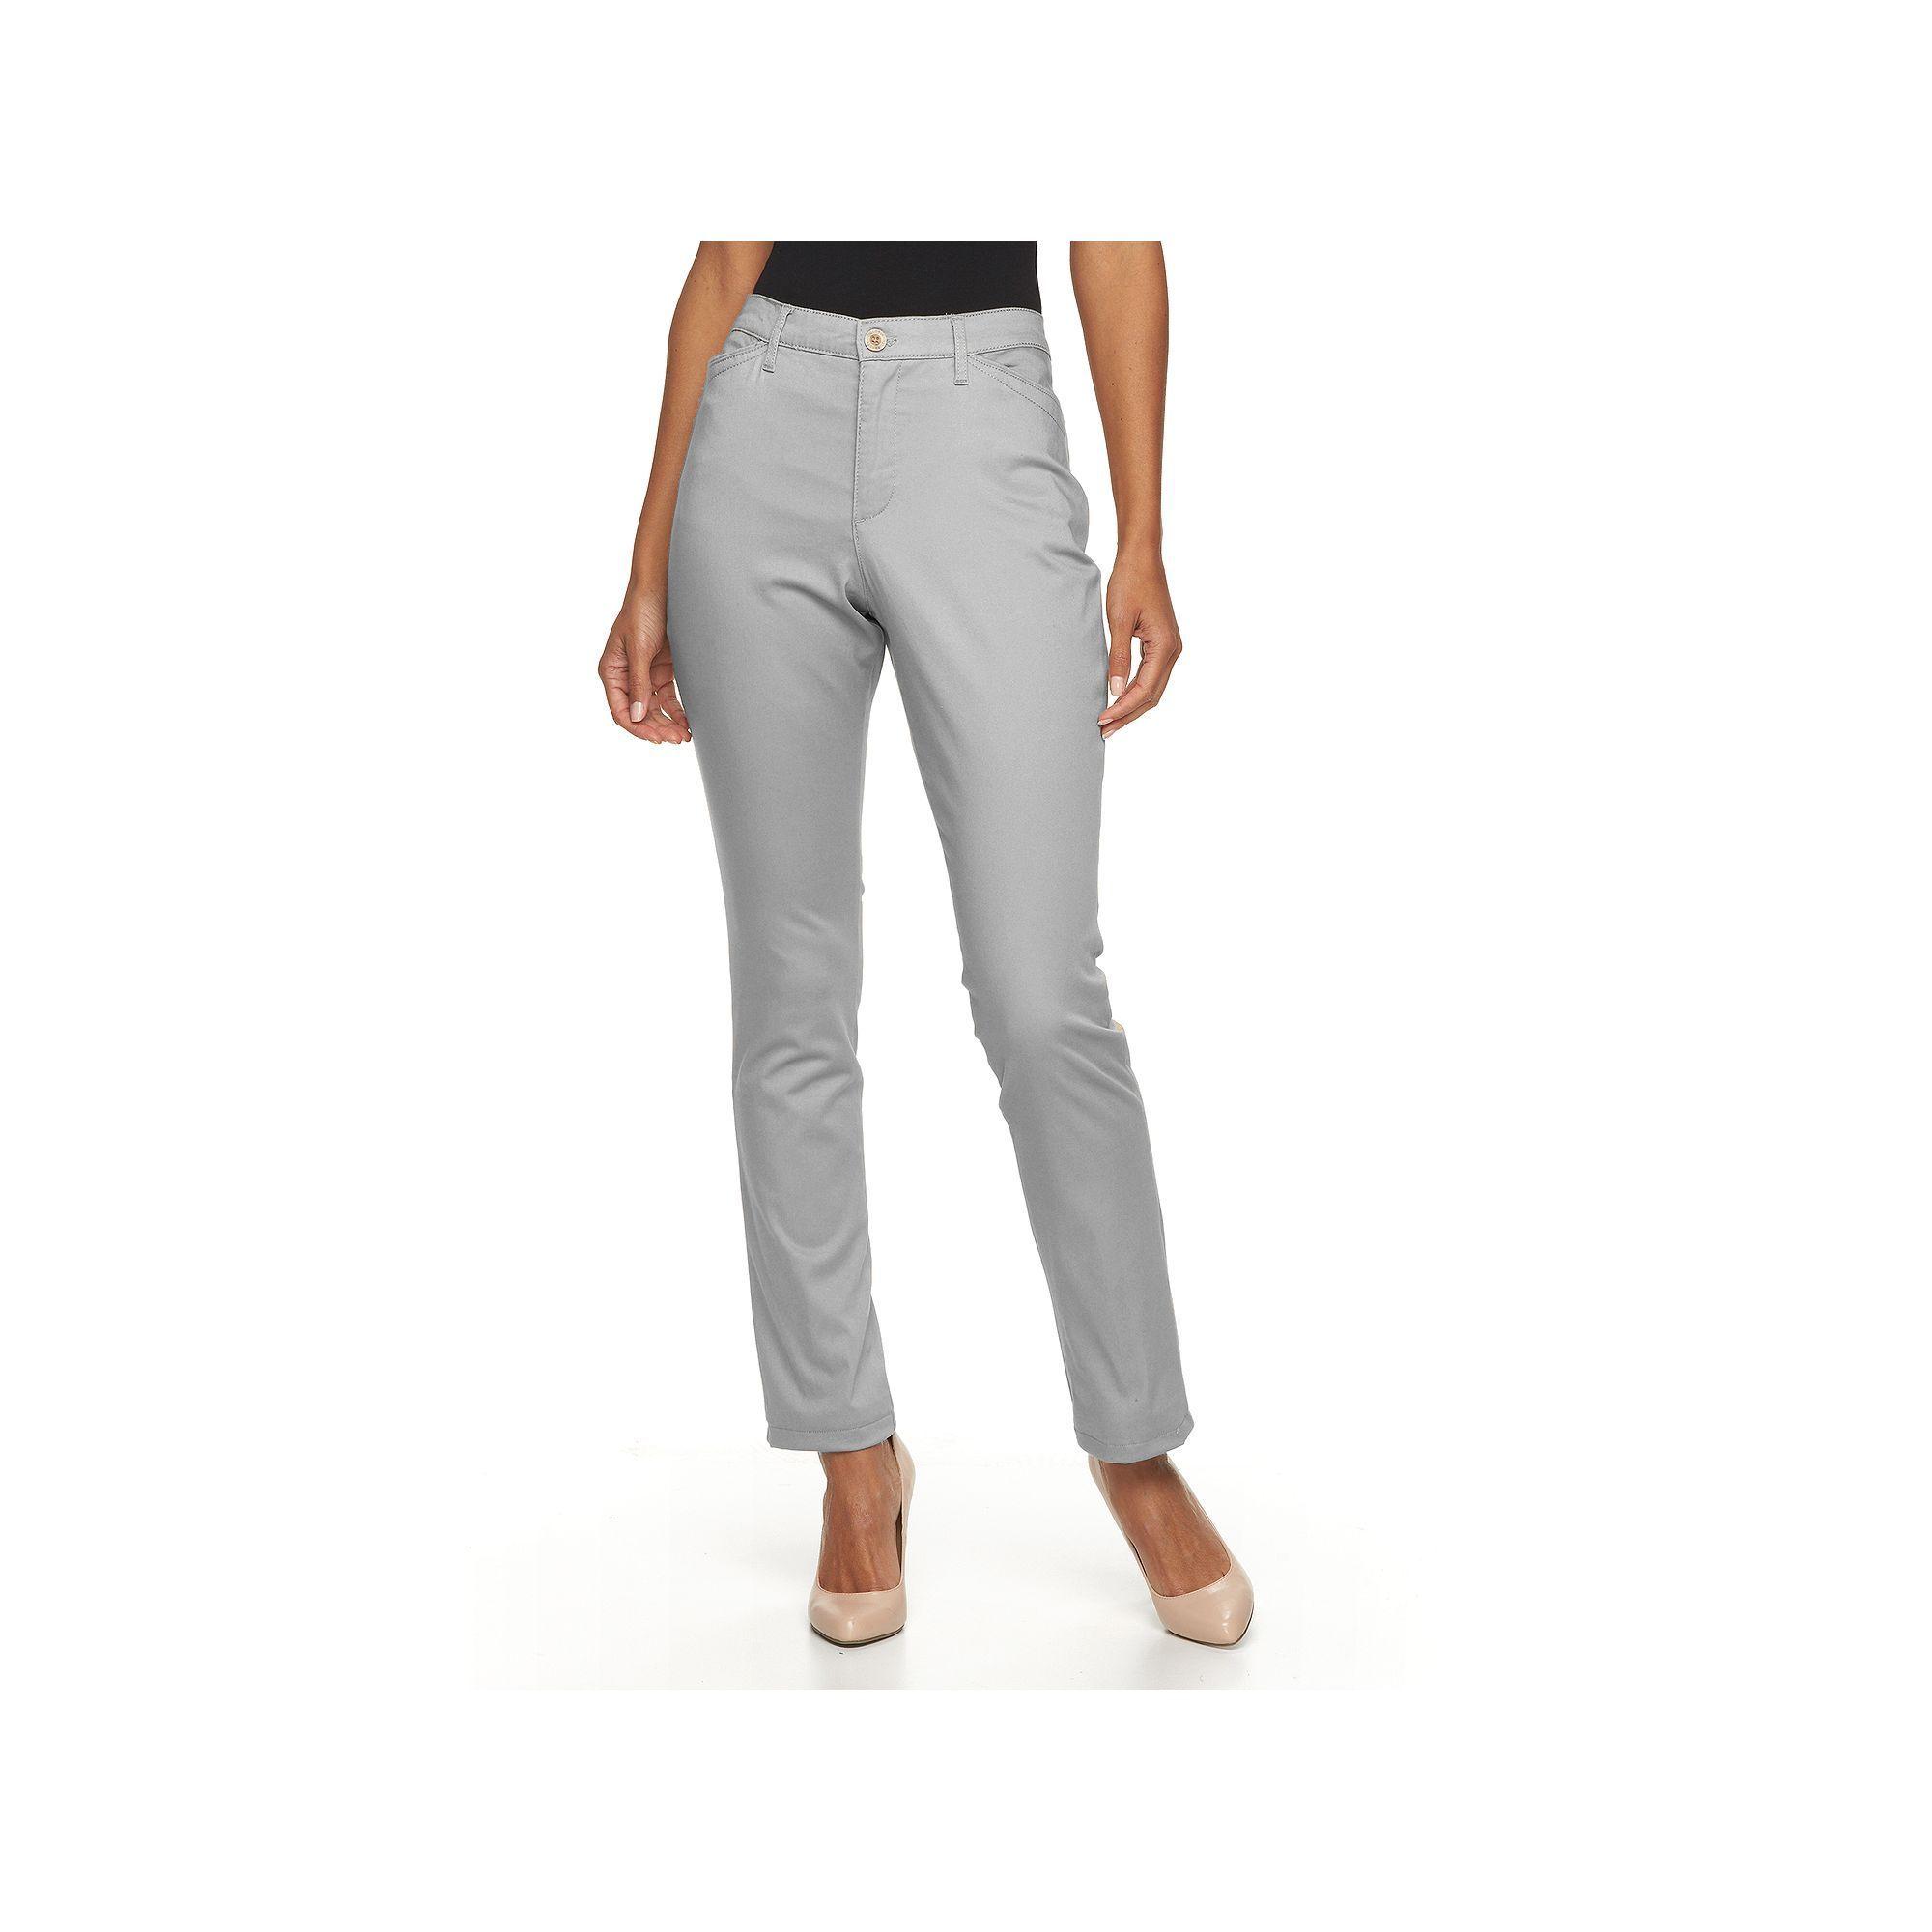 Women's Gloria Vanderbilt Anita Sateen Straight-Leg Pants, Size: 12 Avg/Reg, Silver